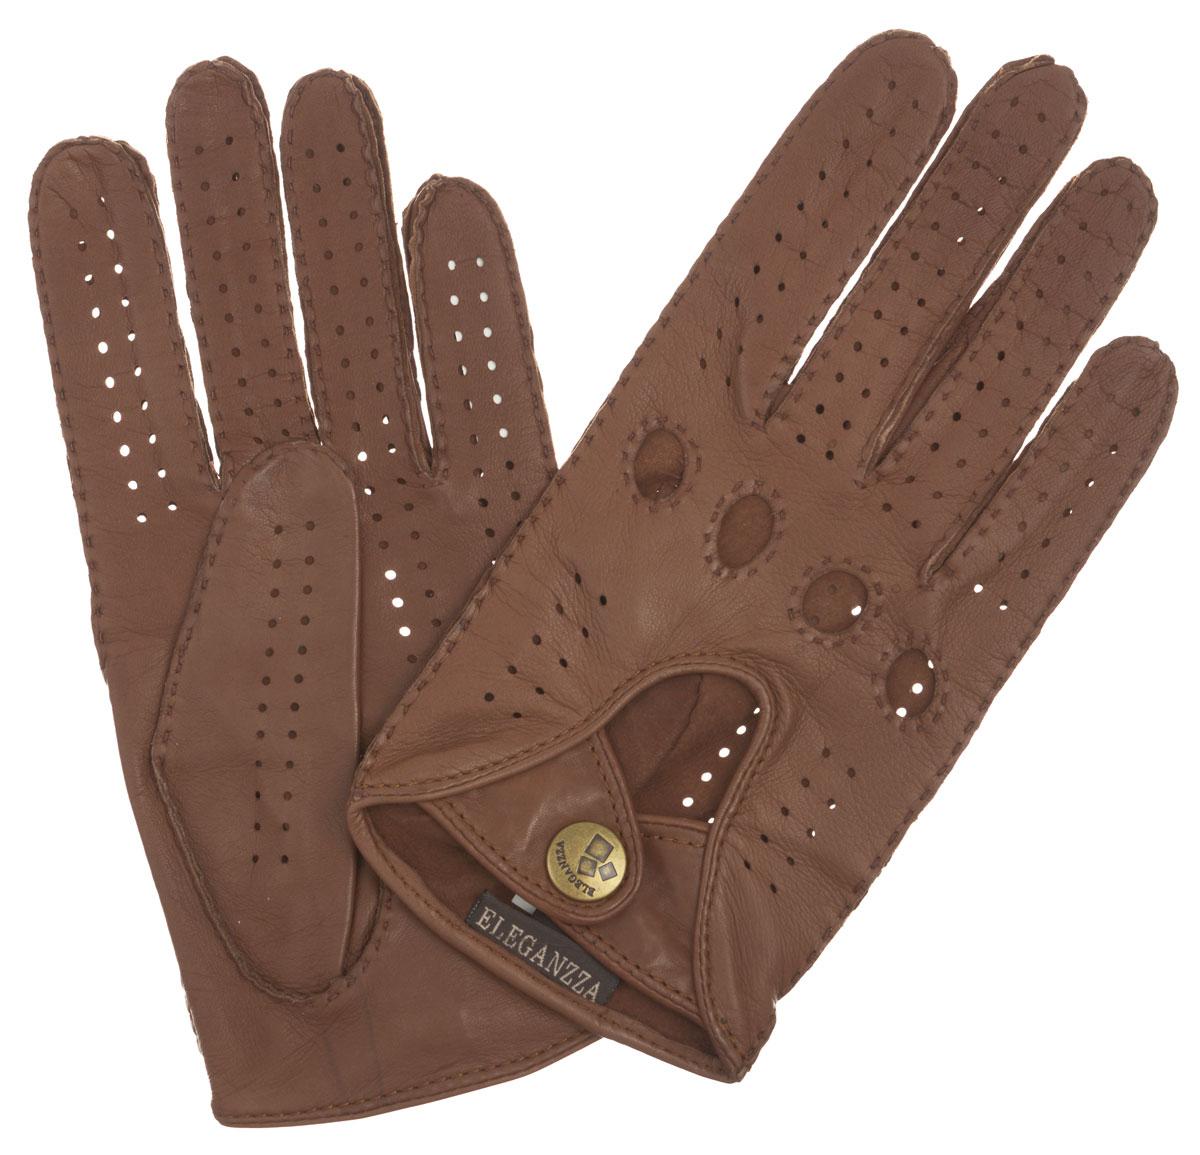 ПерчаткиHS011WСтильные женские перчатки Eleganzza помогут правильно расставить модные акценты в вашем образе. Они выполнены из мягкой и приятной на ощупь кожи. Модель декорирована перфорацией на лицевой и ладонной стороне, вырезами под косточки пальцев. На лицевой стороне декоративный вырез и два ремешка на кнопке. Такие перчатки станут идеальным аксессуаром, дополняющим ваш стиль и неповторимость.